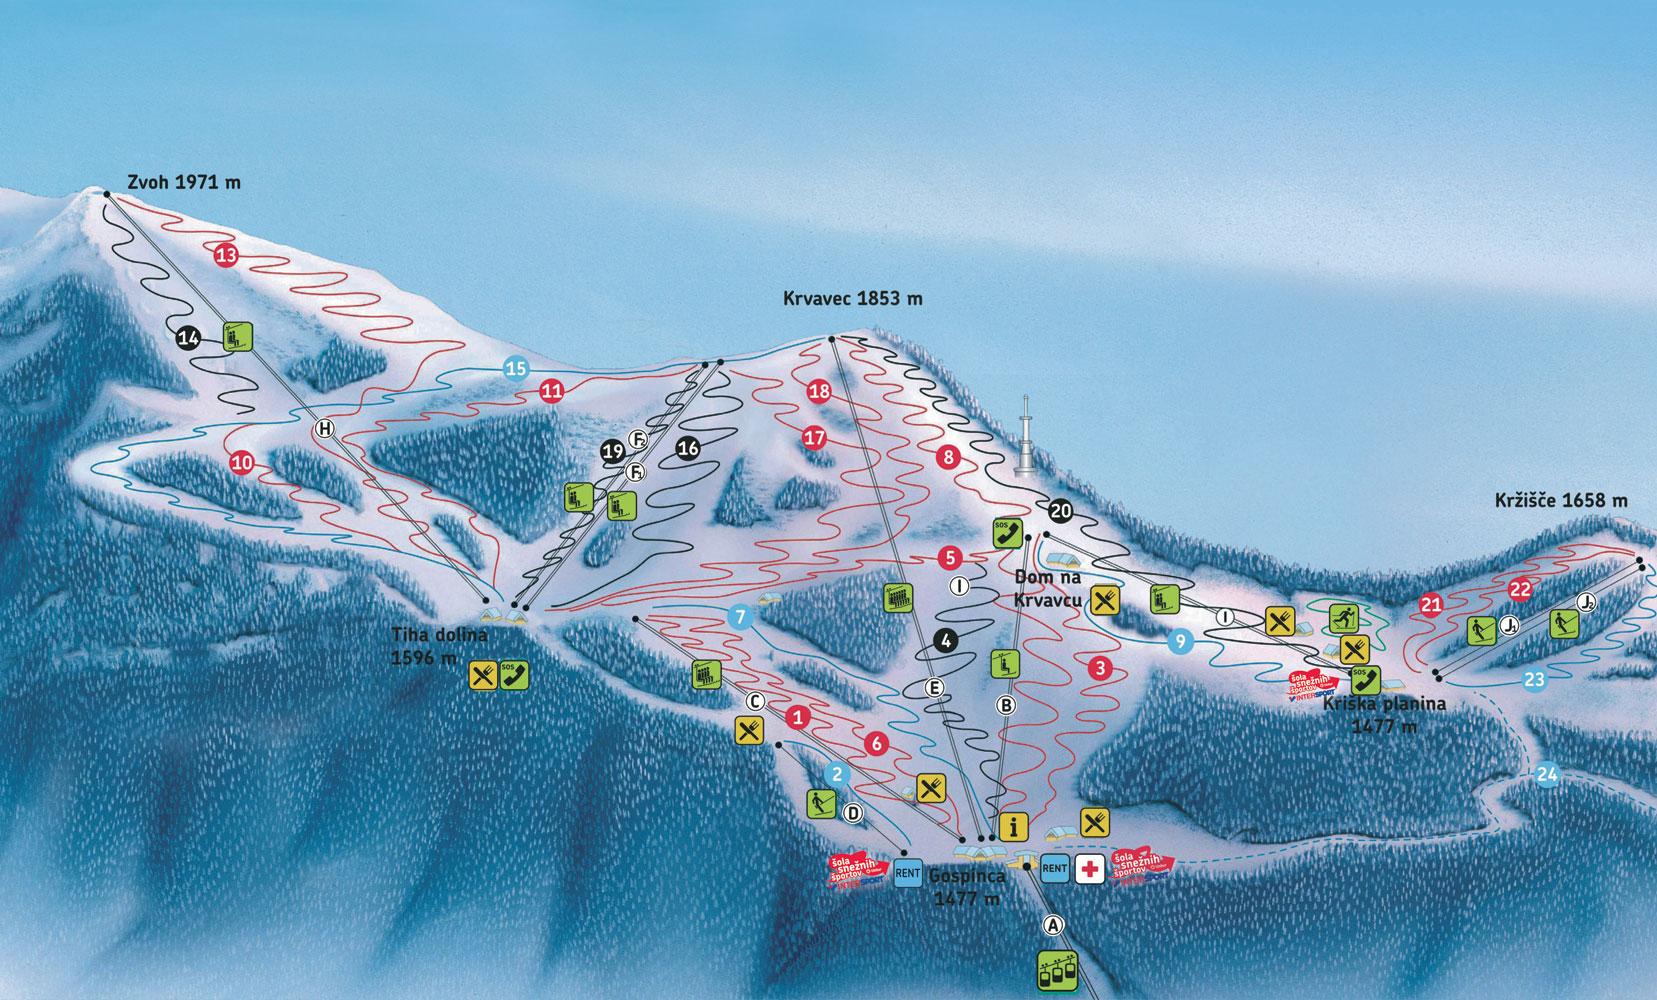 Krvavec ski map